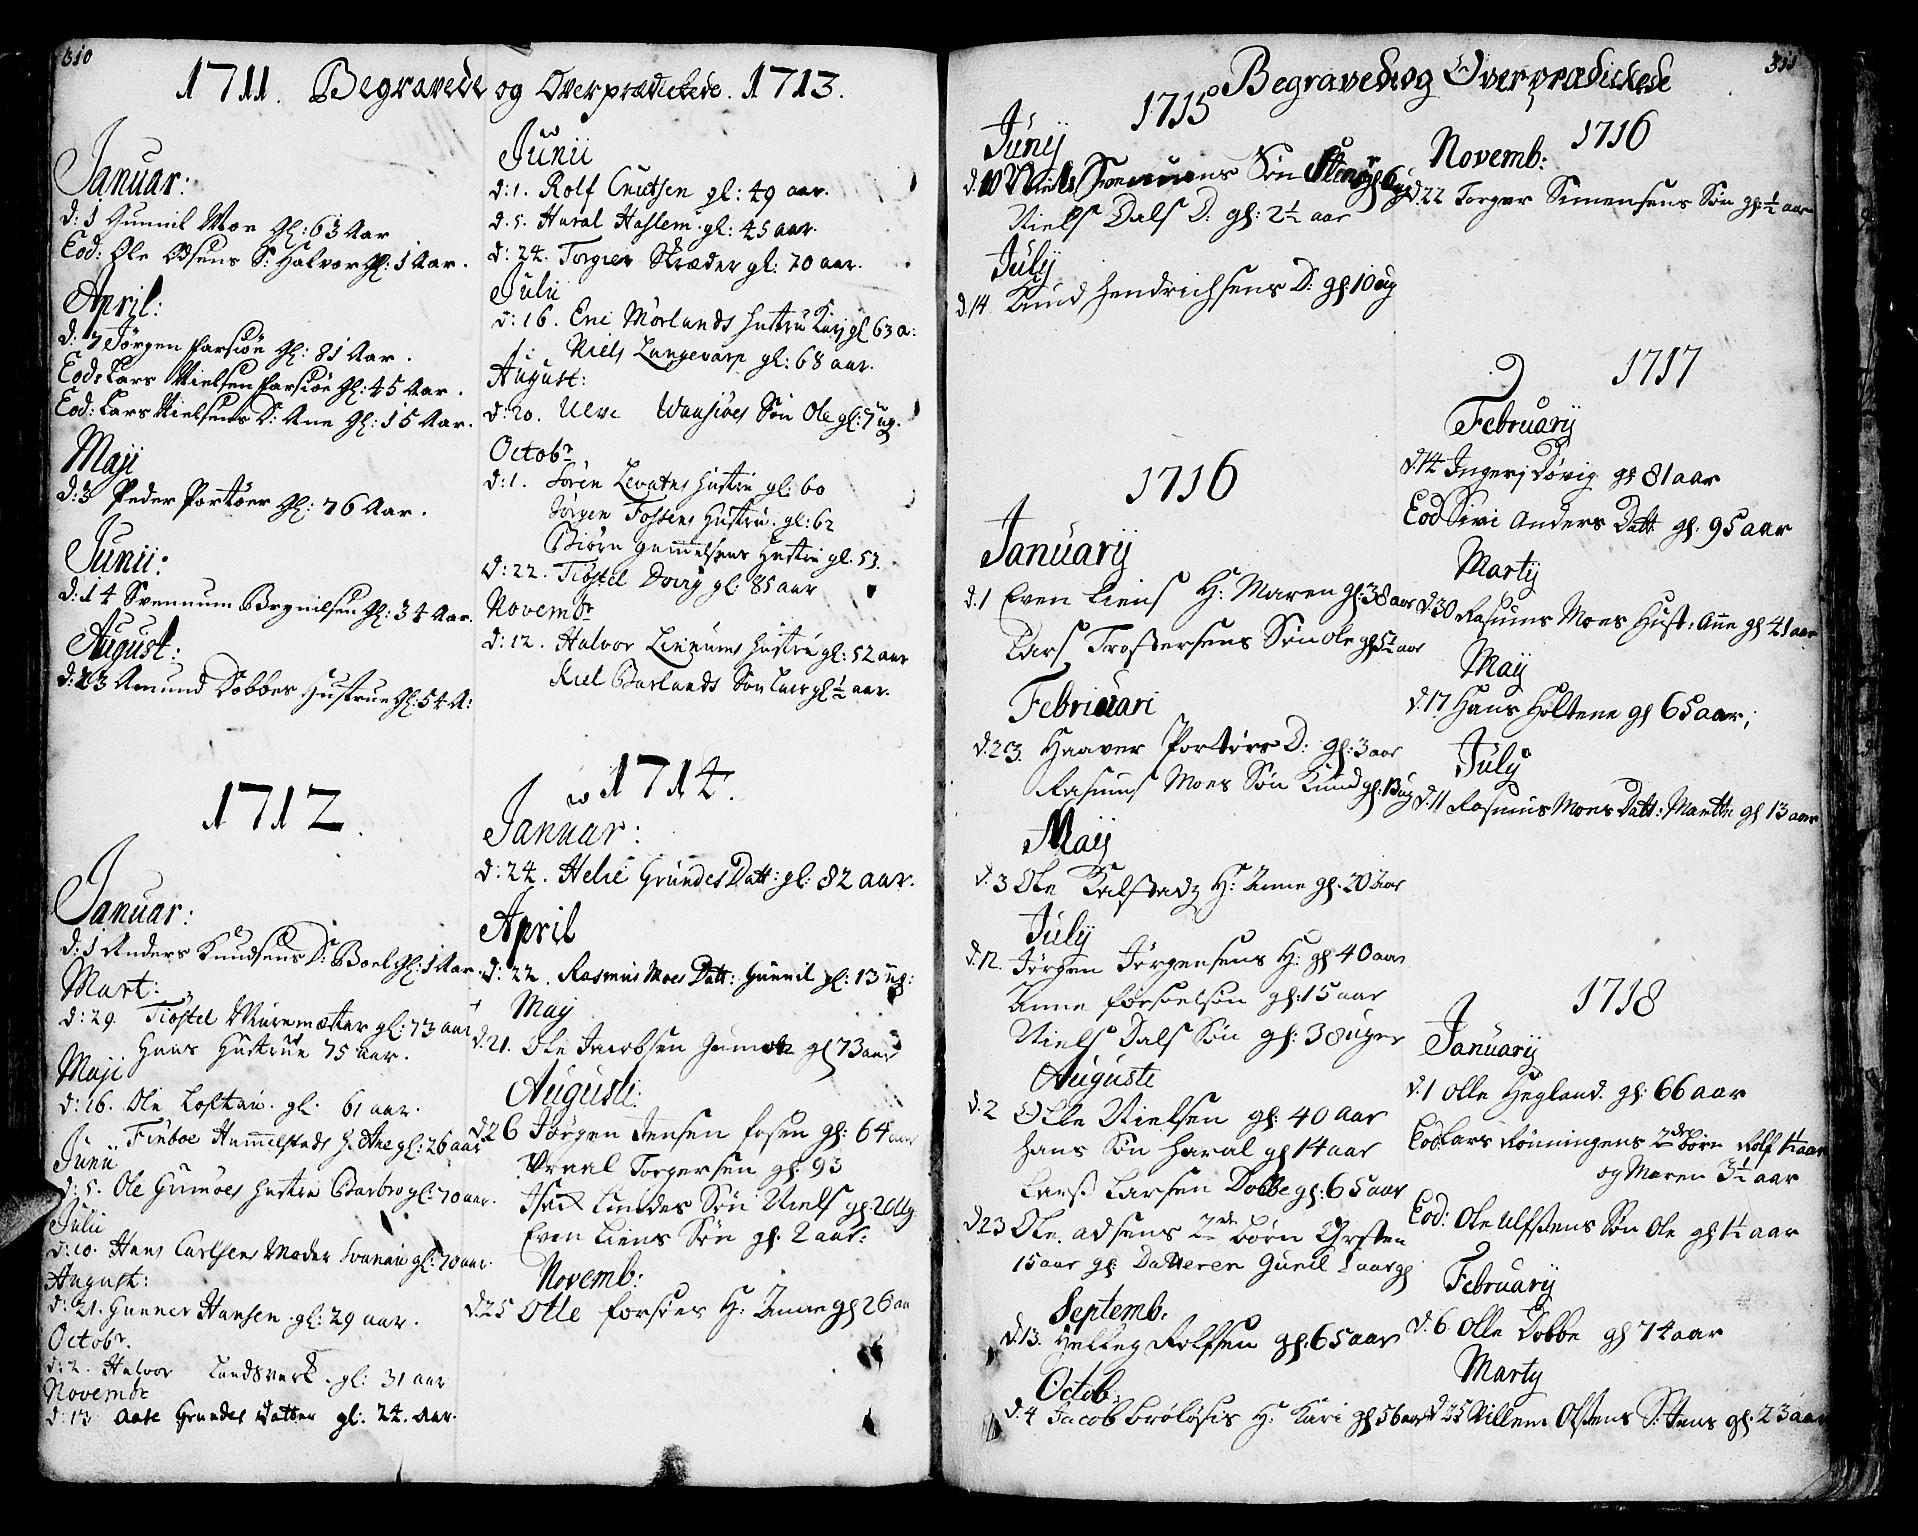 SAKO, Sannidal kirkebøker, F/Fa/L0001: Ministerialbok nr. 1, 1702-1766, s. 310-311